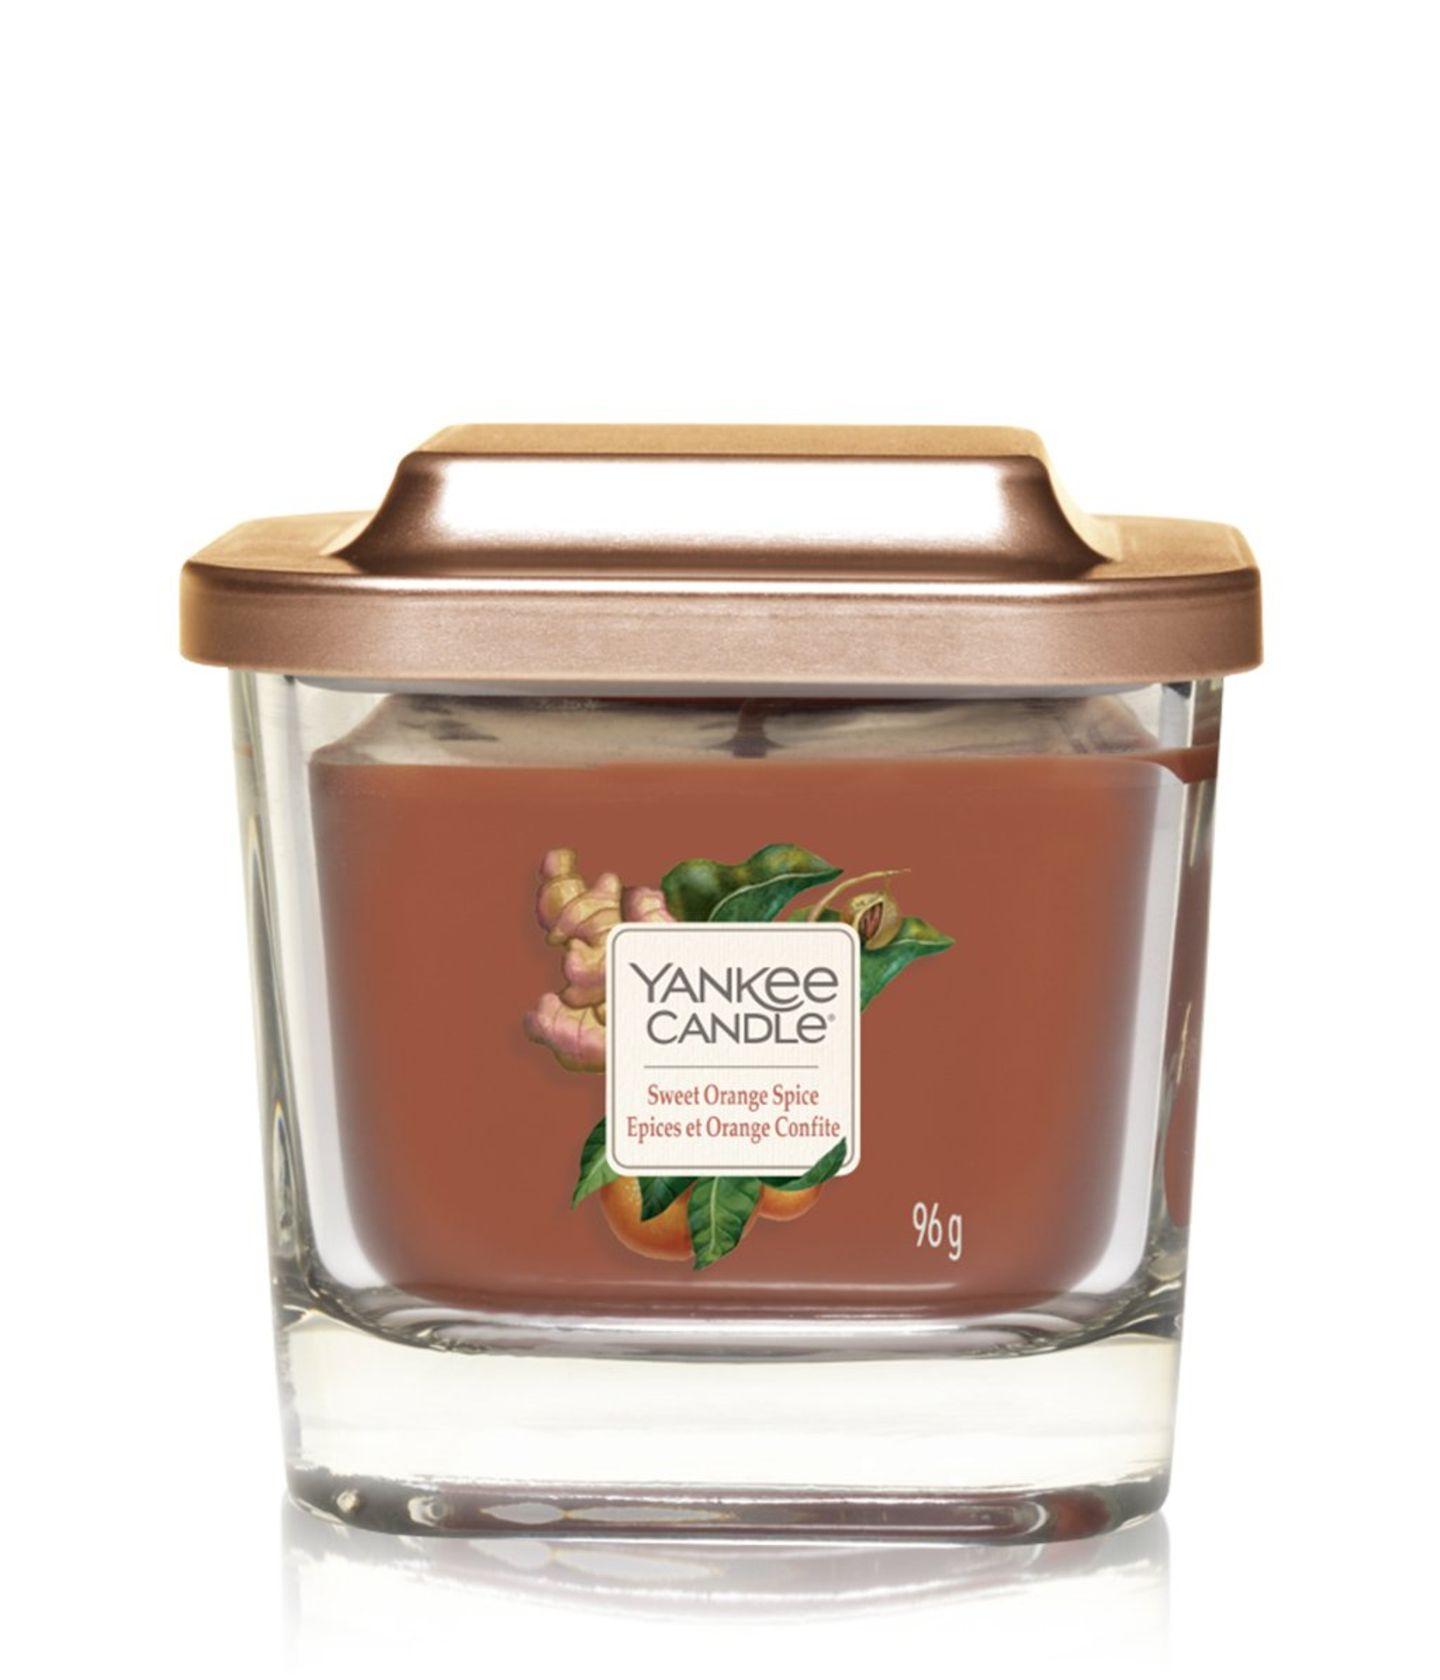 Weihnachtsgeschenke für die Mutter: Duftkerze von Yankee Candle